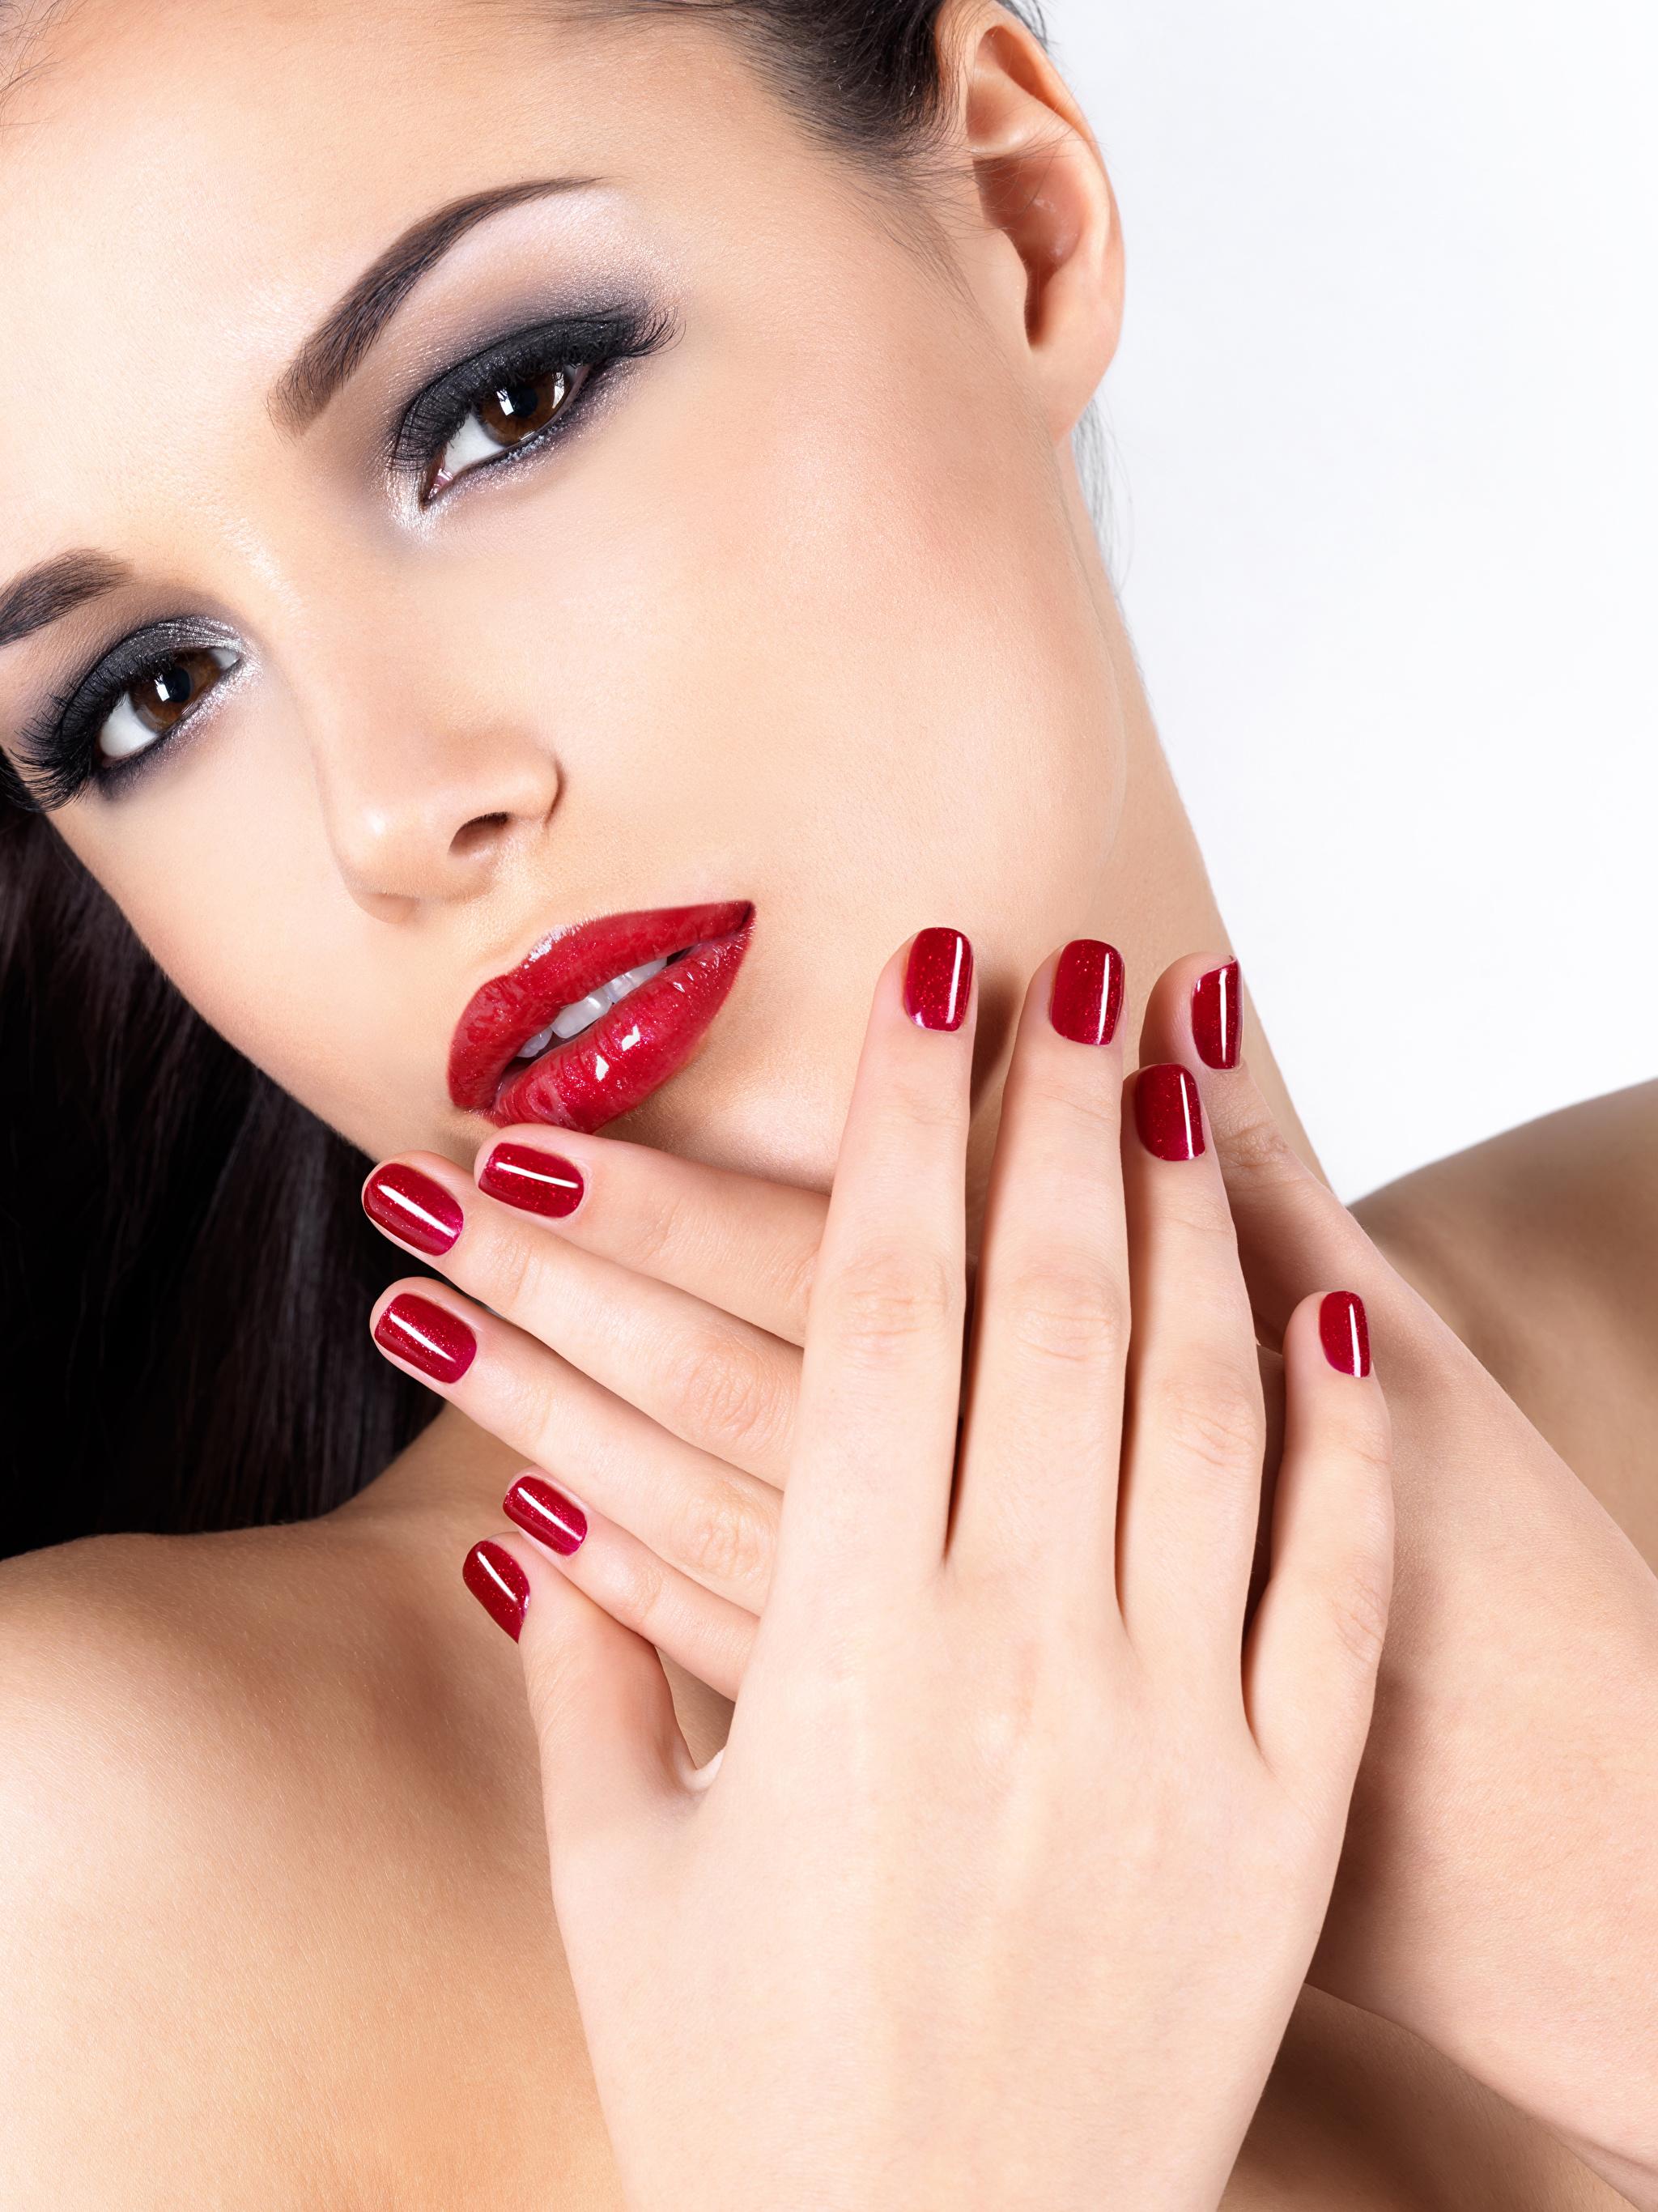 Фото женщин с красным маникюром